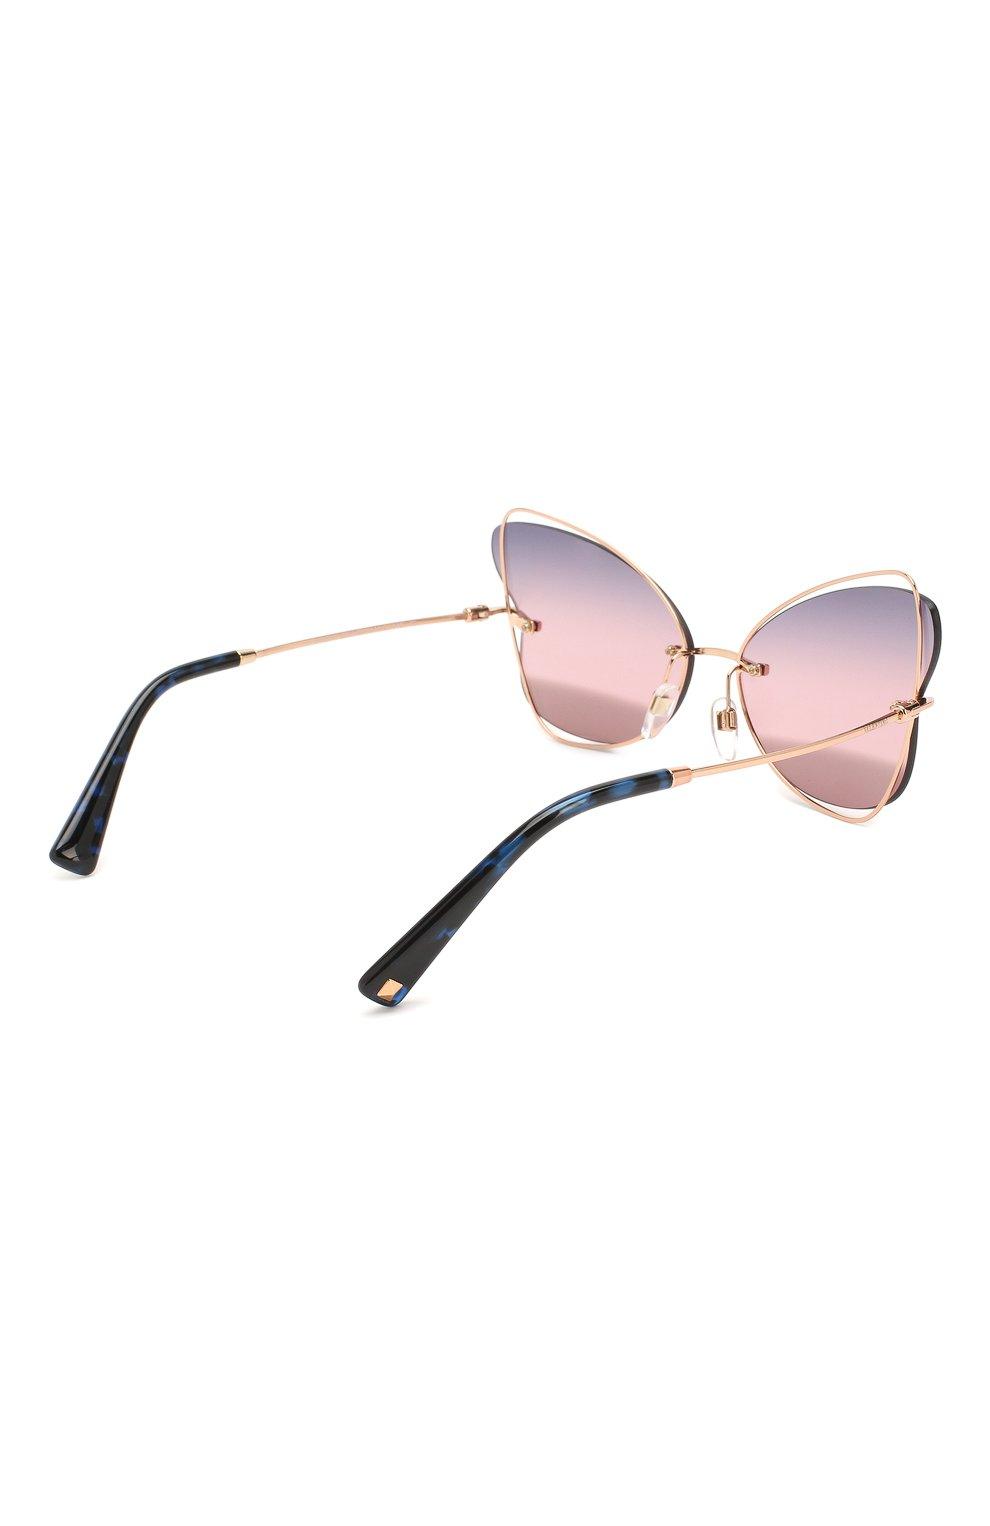 Женские солнцезащитные очки VALENTINO разноцветного цвета, арт. 2031-3004E6   Фото 4